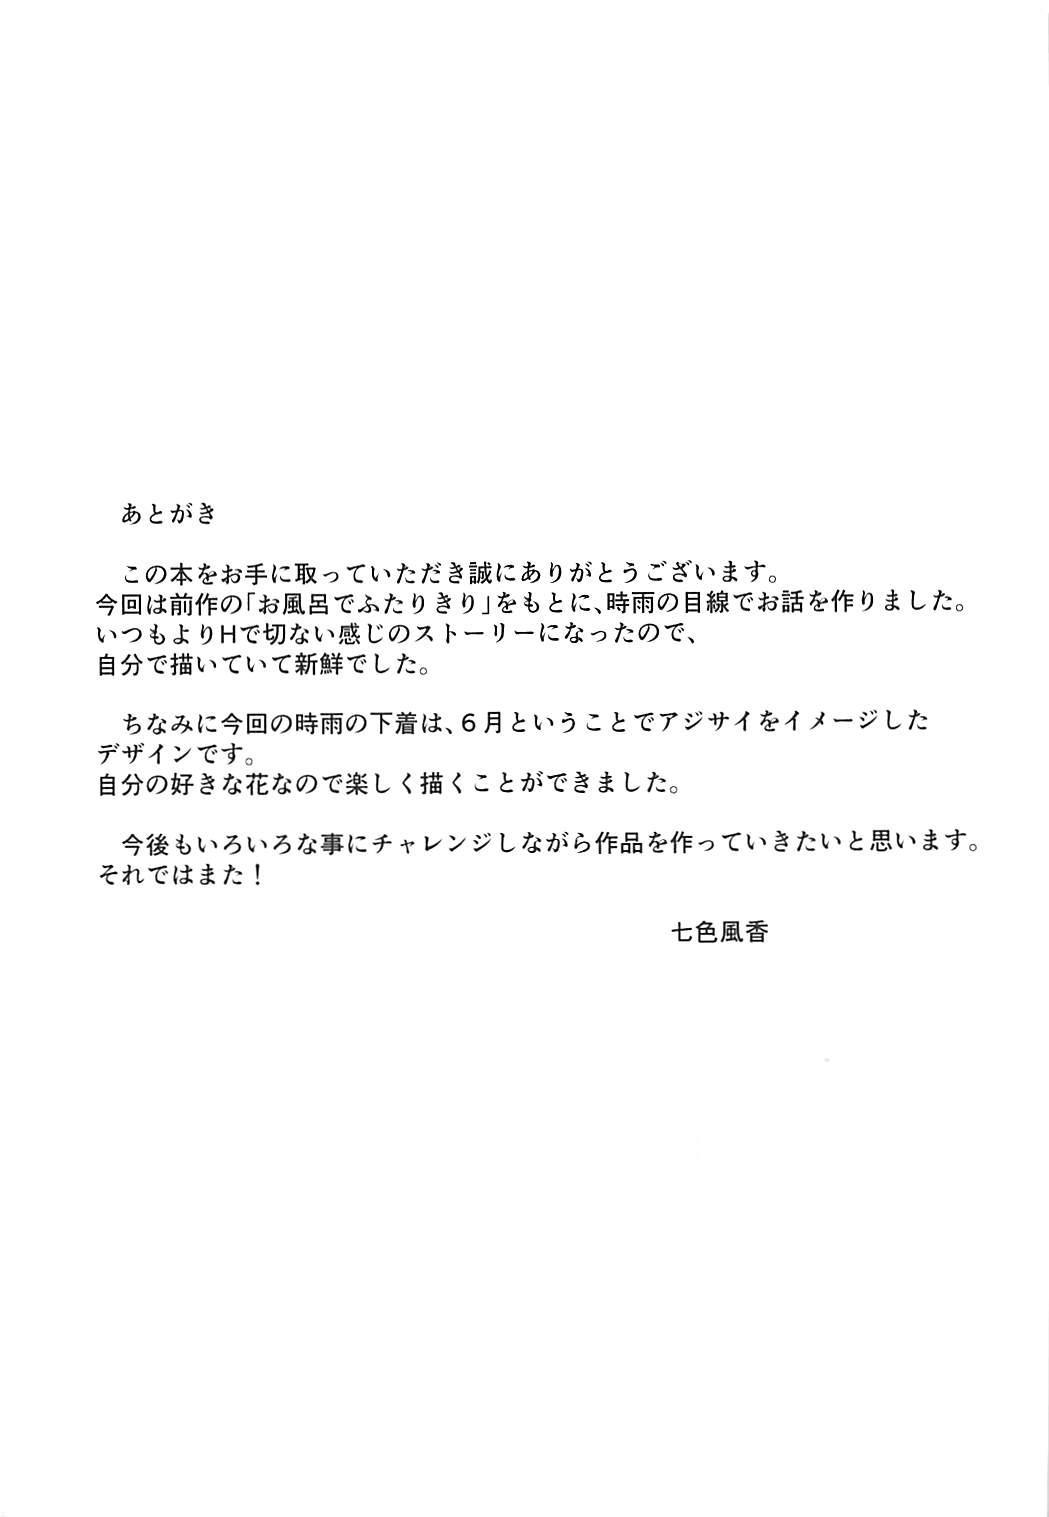 Boku no Karada, Mitashite yo 16